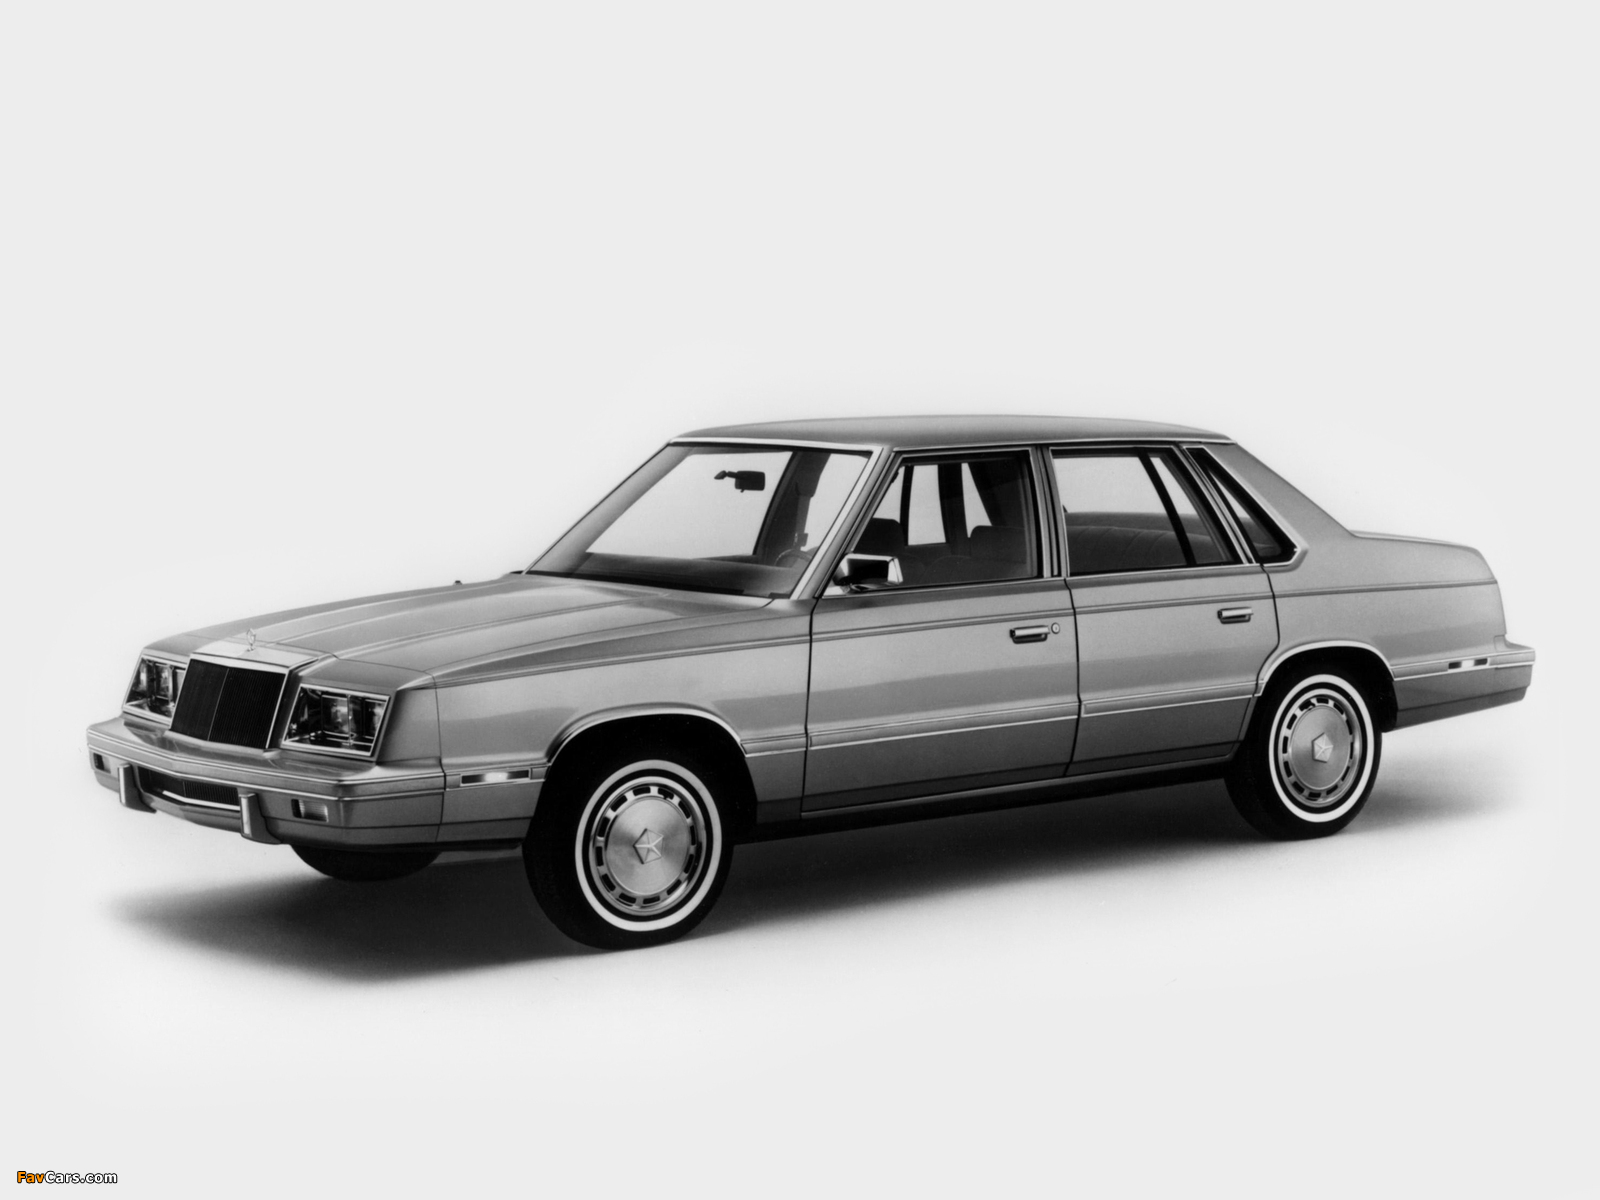 Chrysler E Class Sedan (TH41) 1983 photos (1600 x 1200)